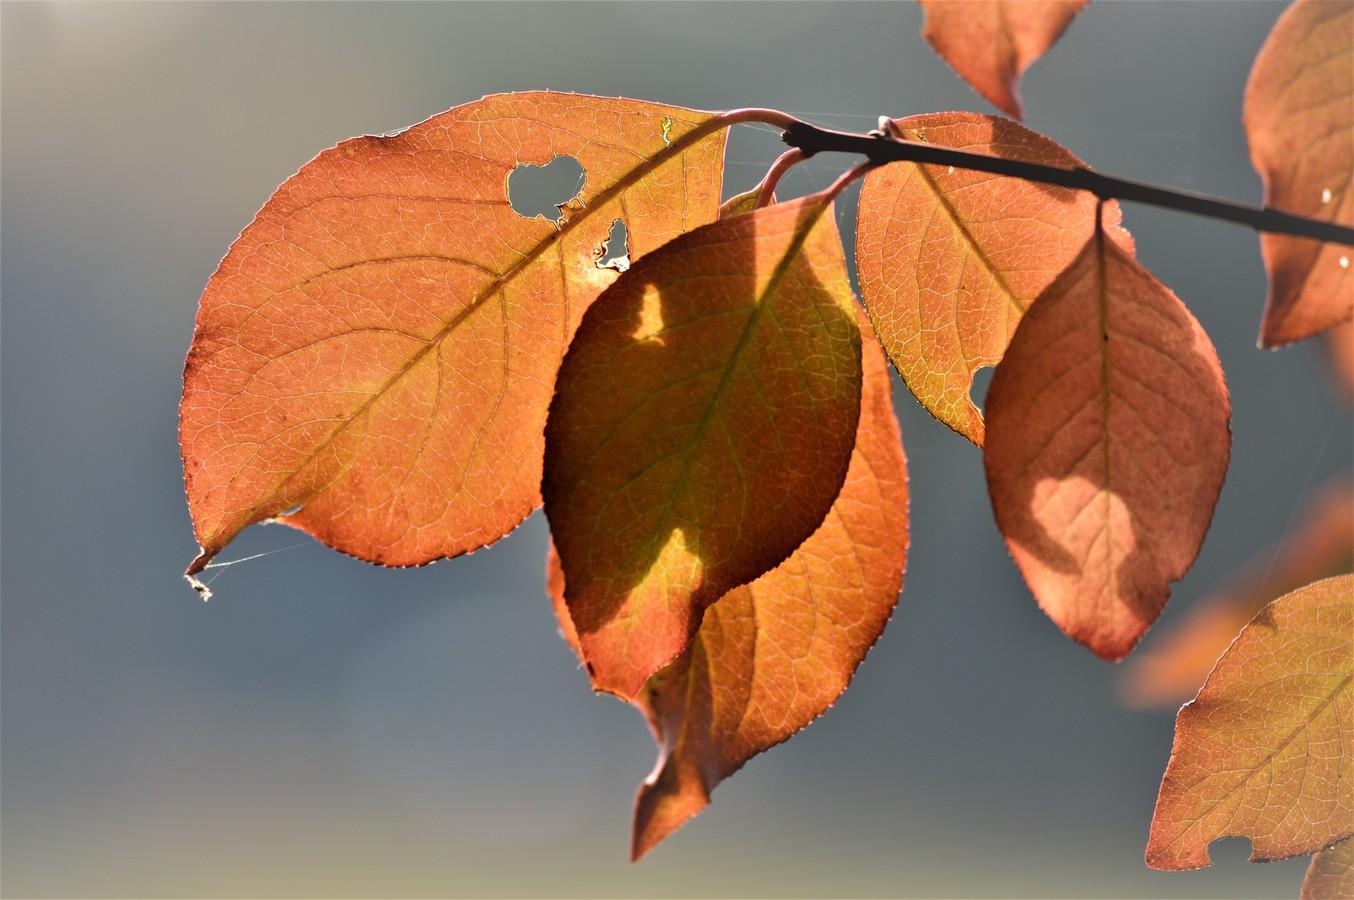 Maličké nedělní probuzení,zívne si podzim k přemýšlení,zda bude malovat dál...